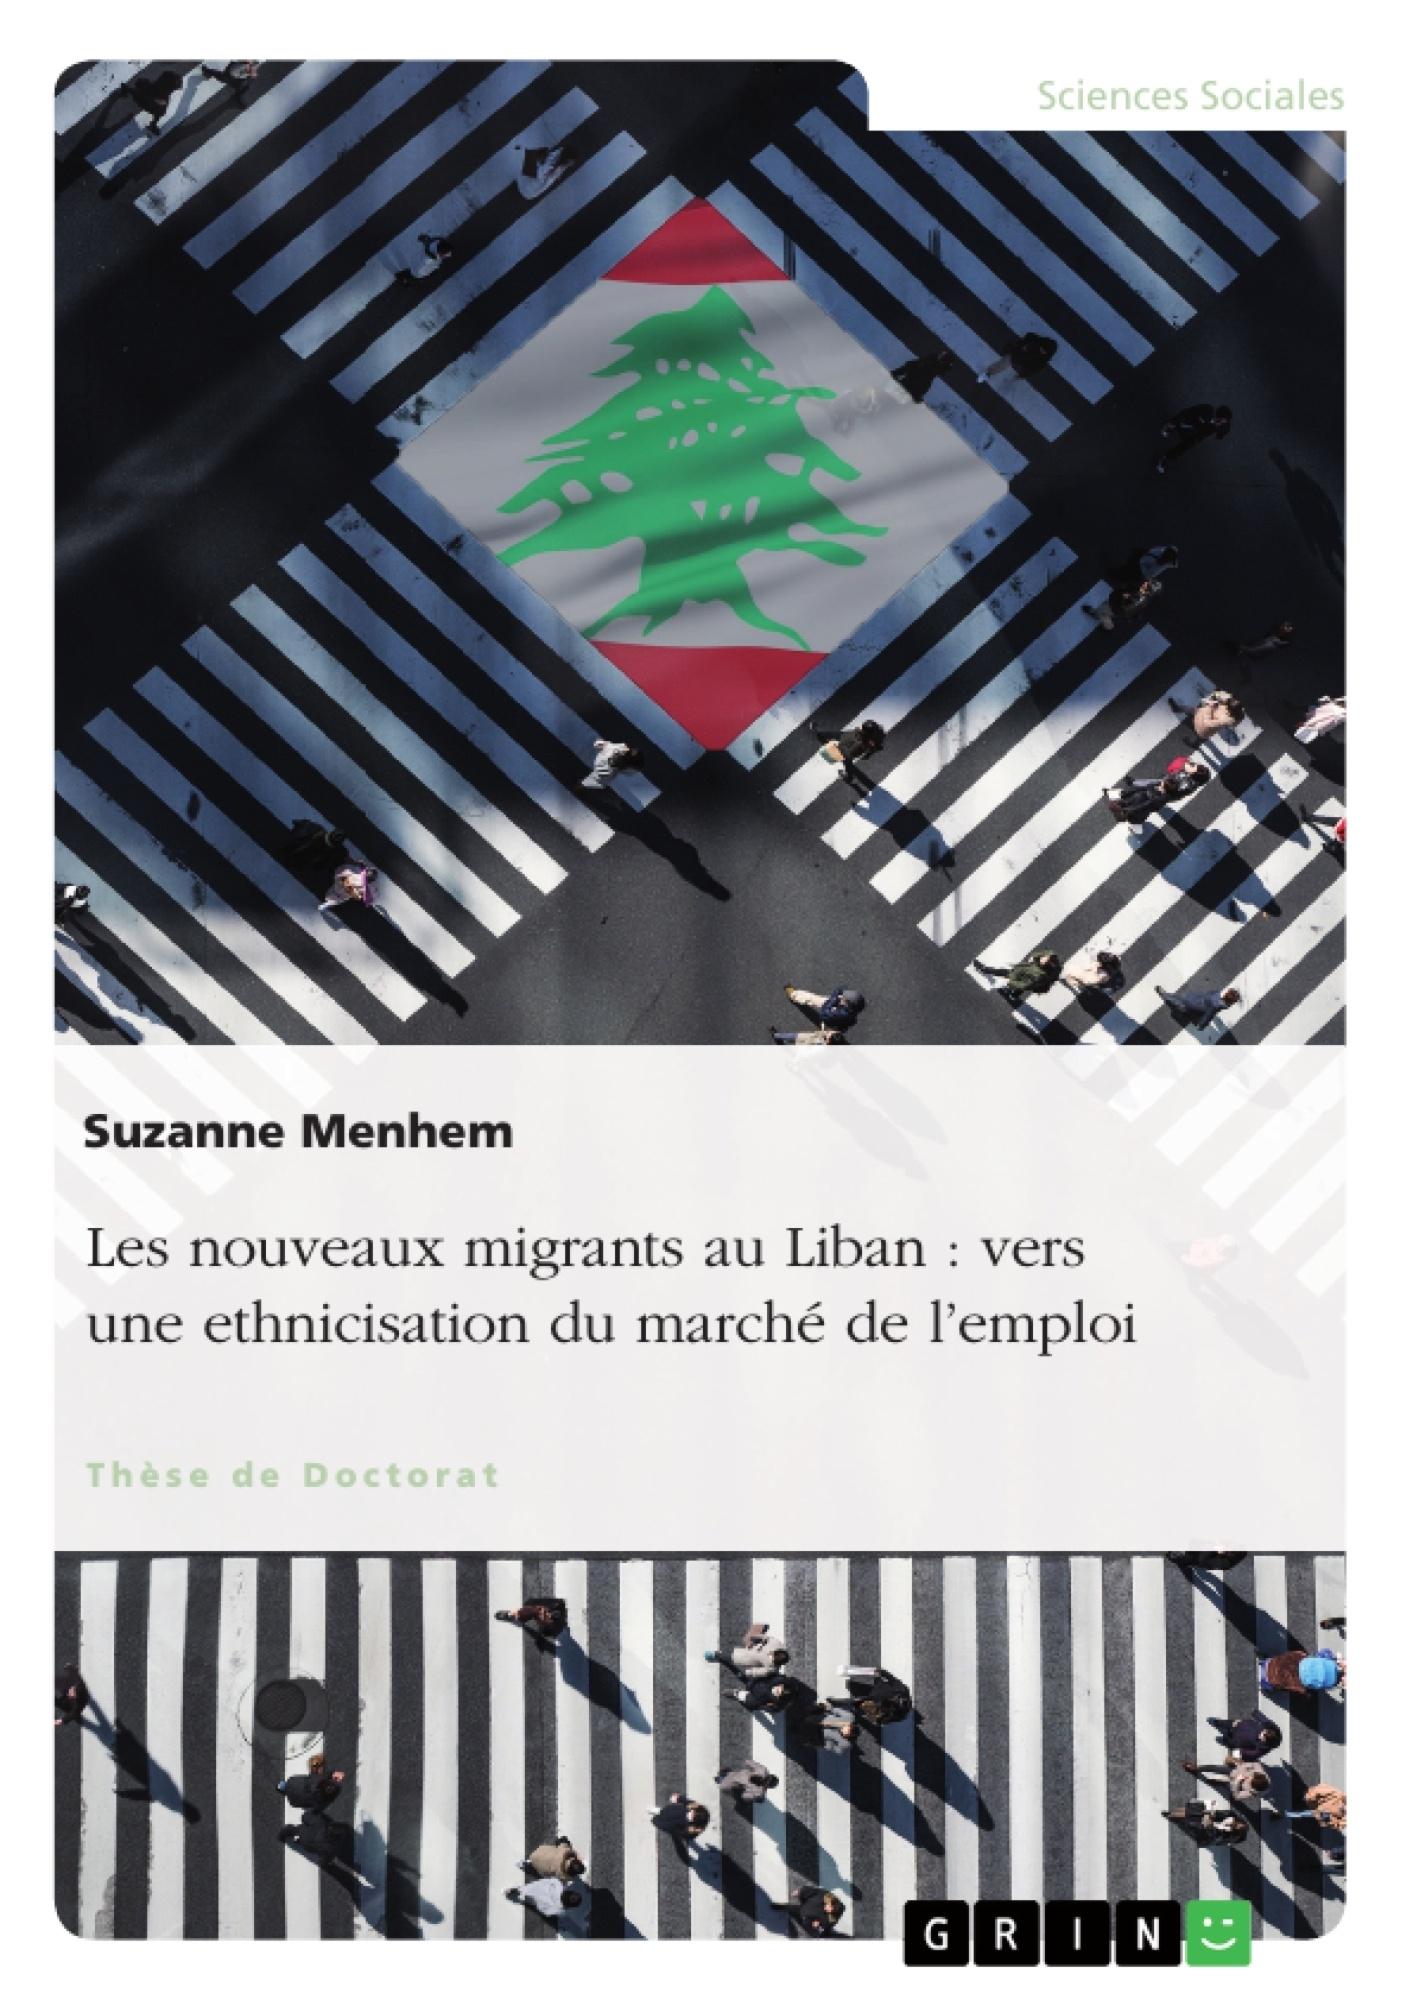 Titre: Les nouveaux migrants au Liban : vers une ethnicisation du marché de l'emploi